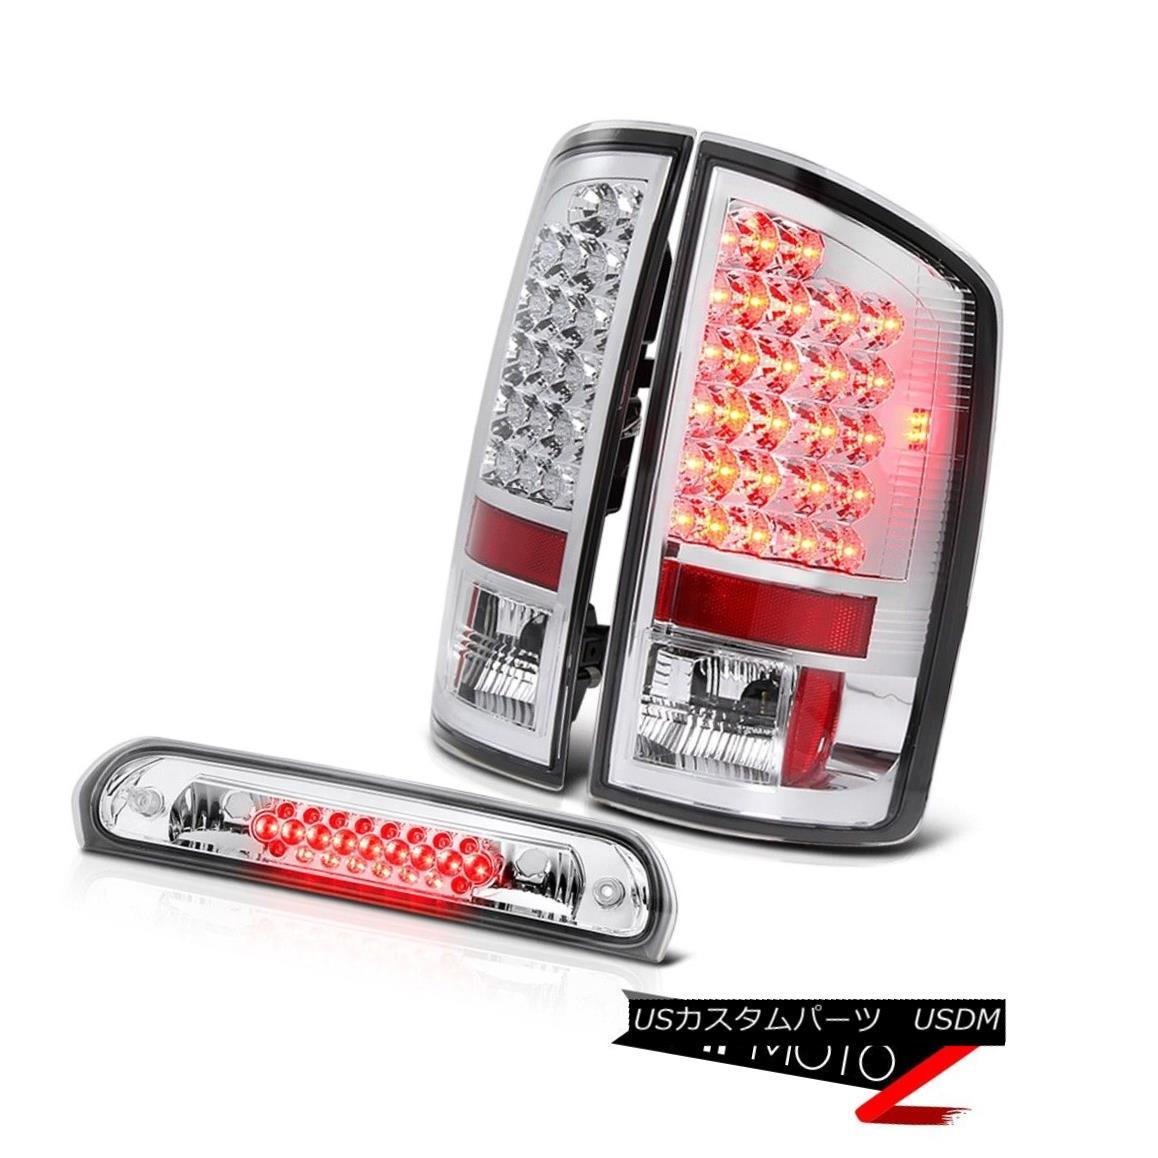 テールライト BRIGHTEST Rear signal LED Taillight High Stop Brake Light Chrome 02-05 Dodge Ram BRIGHTESTリアシグナルLEDテールライトハイストップブレーキライトクローム02-05 Dodge Ram